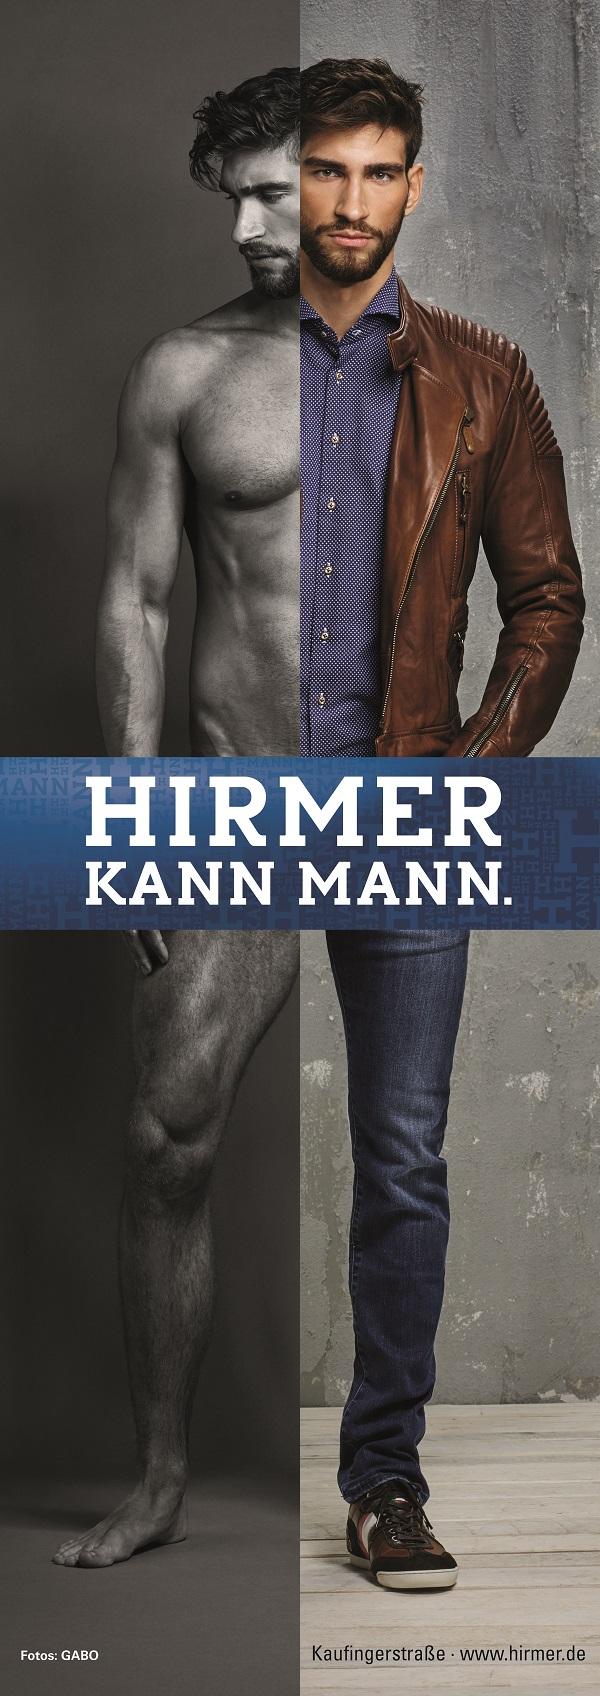 hirmer-herrenmode-2